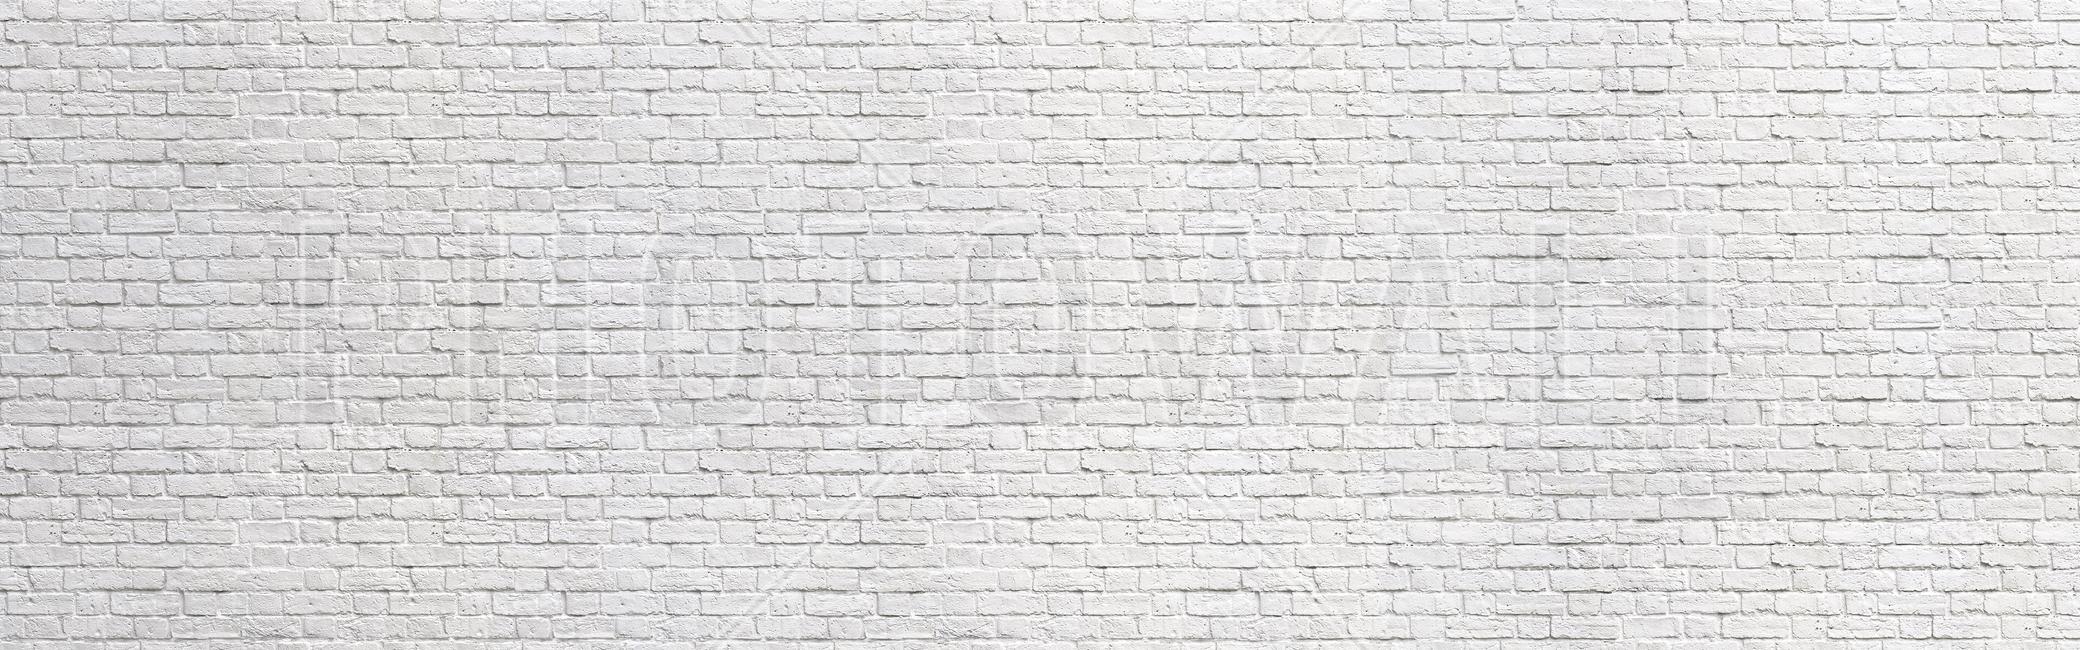 Brick Wall - White Fototapeter & Tapeter 100 x 100 cm